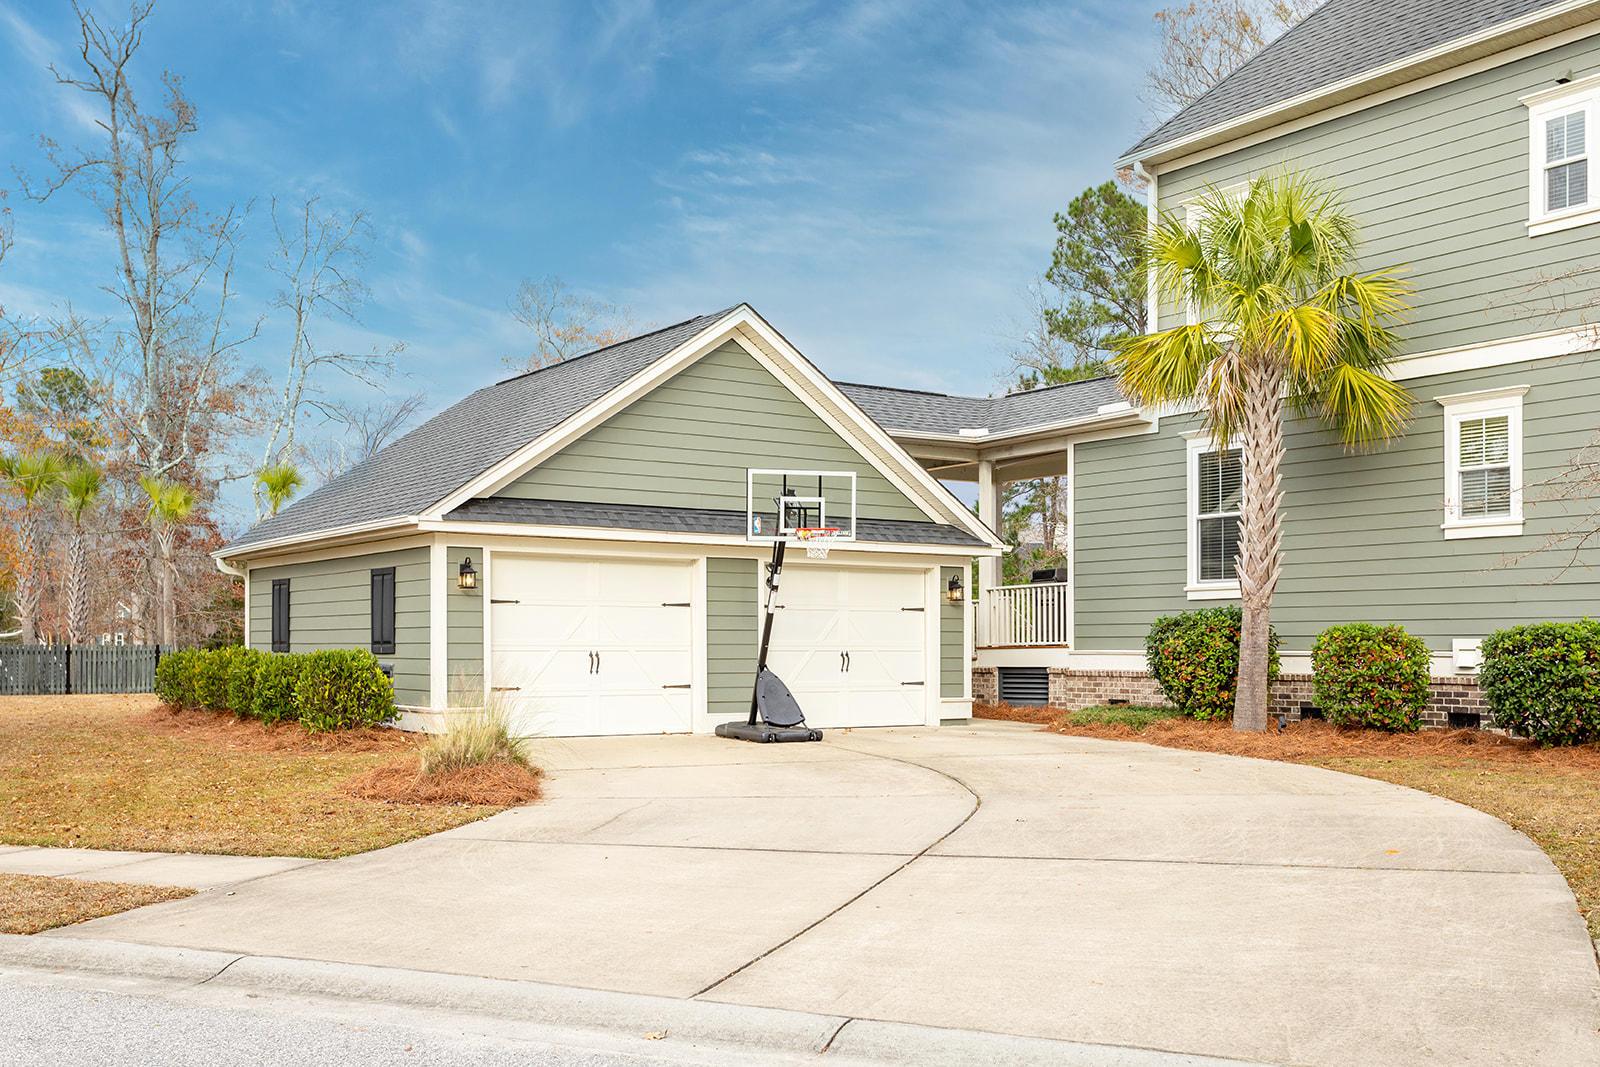 Dunes West Homes For Sale - 3019 Yachtsman, Mount Pleasant, SC - 30